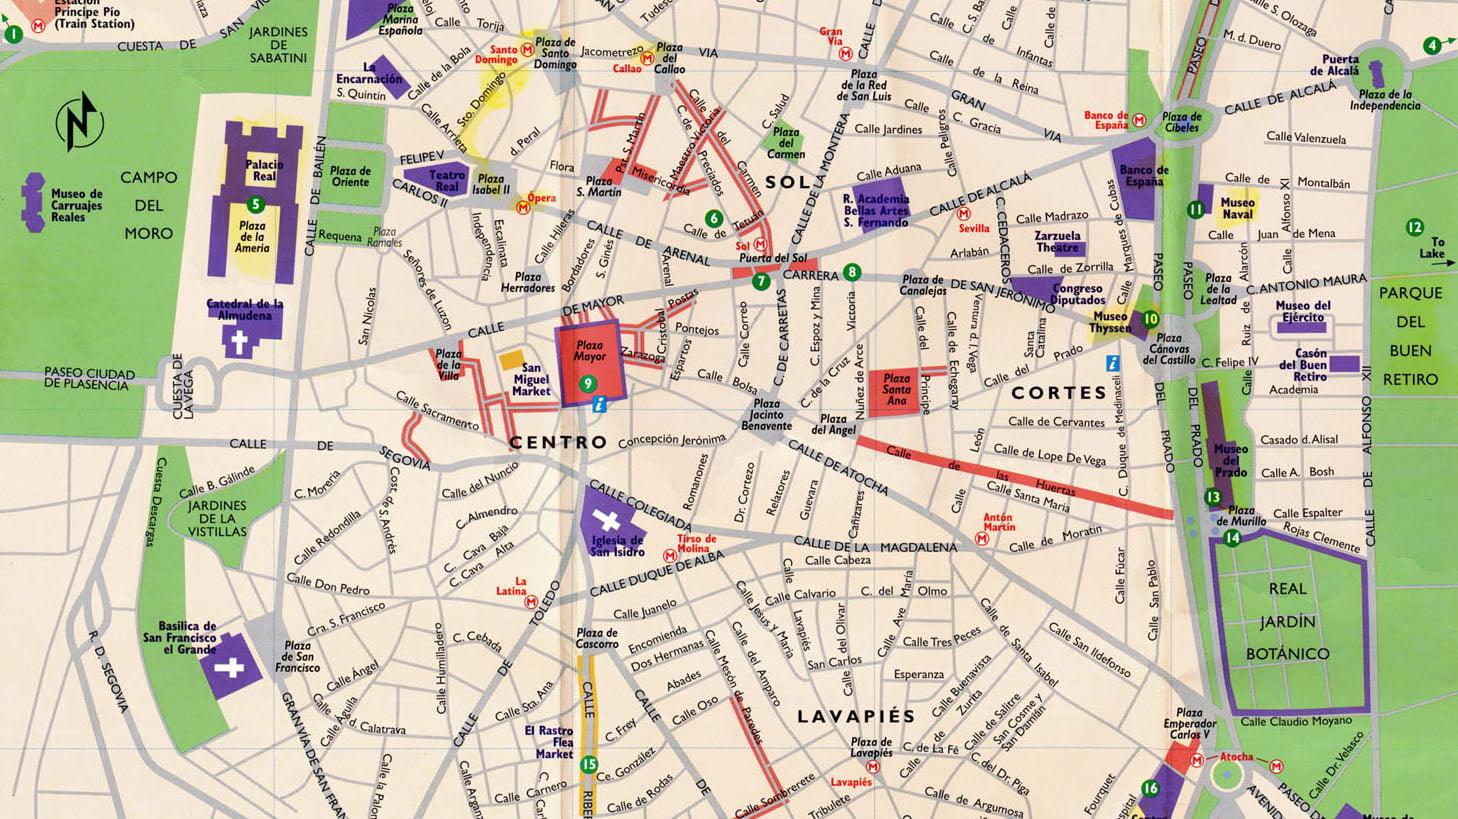 Mapa madrid | Metro Map | Bus Routes | Metrobus Way Map | Train ...